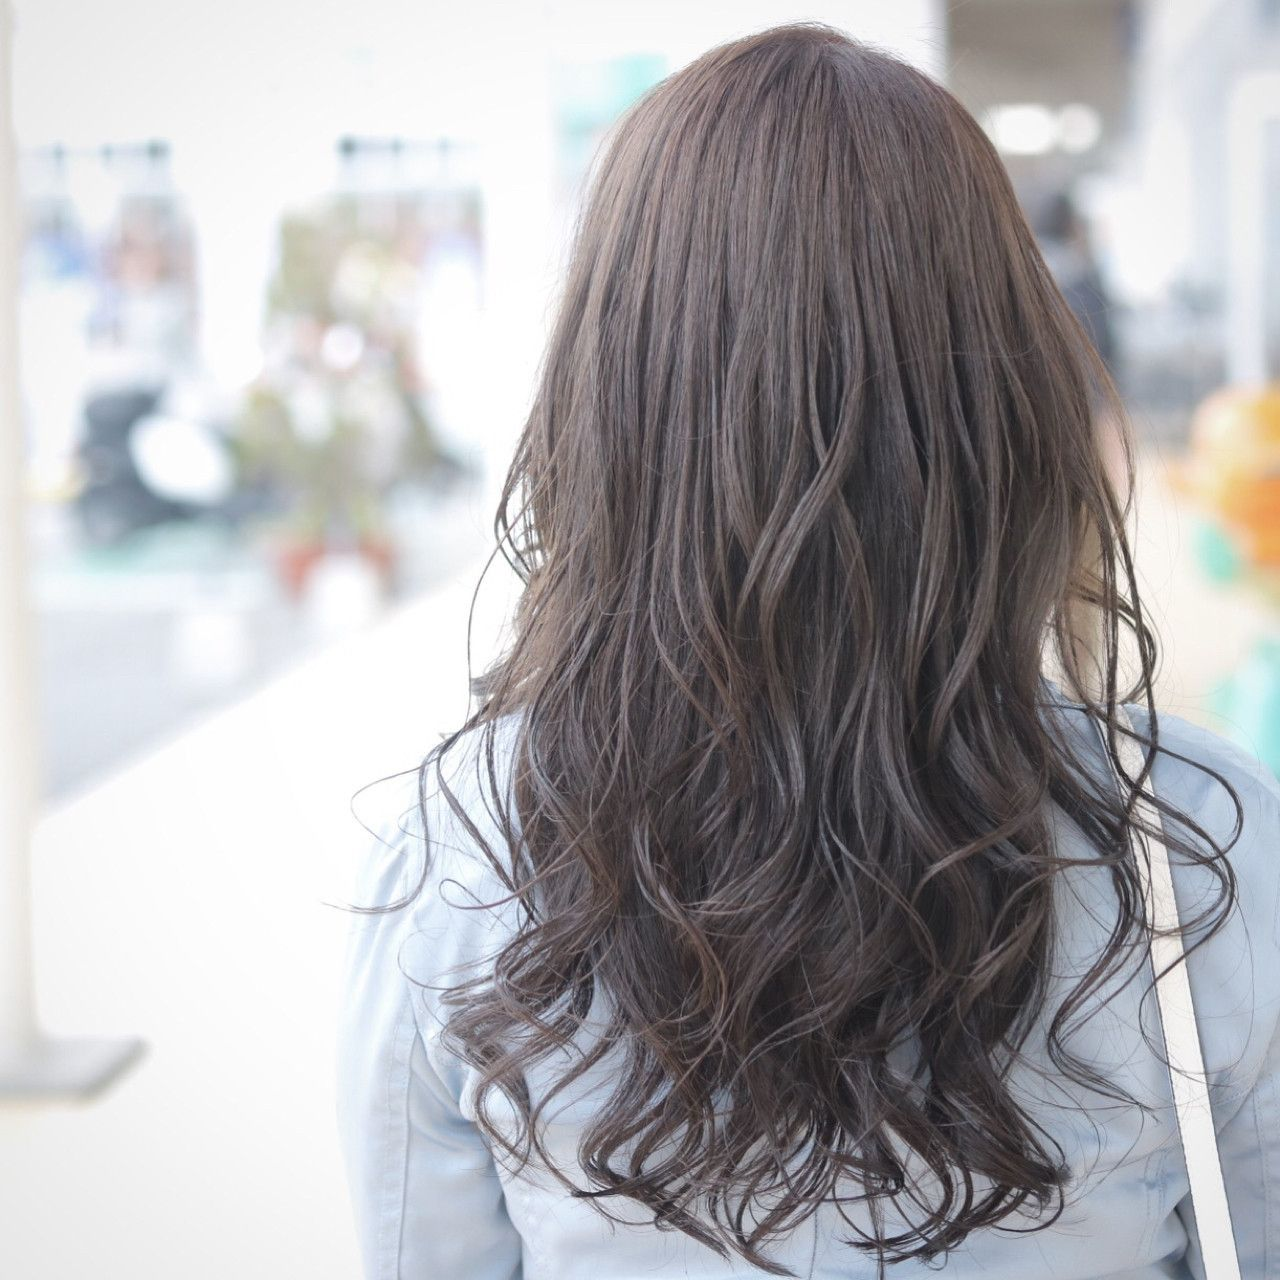 オフィスもok 暗めのアッシュブラウンで透明感のある髪色をゲット